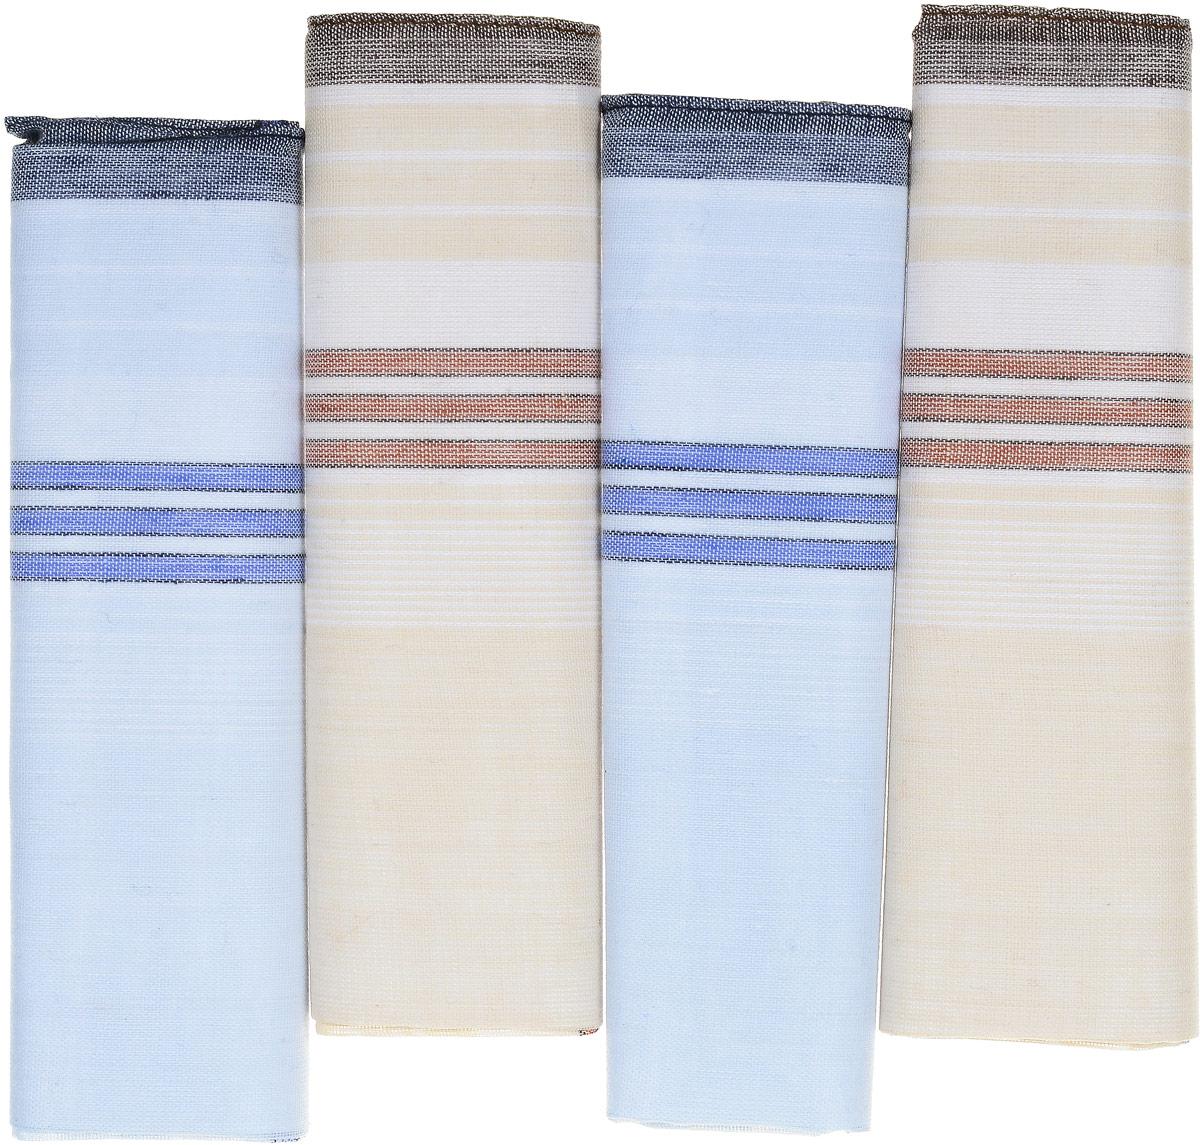 Платок носовой мужской Zlata Korunka, цвет: голубой, бежевый. 71419-6. Размер 34 х 34 см, 4 штСерьги с подвескамиНосовой платок Zlata Korunka изготовлен из высококачественного натурального хлопка, благодаря чему приятен в использовании, хорошо стирается, не садится и отлично впитывает влагу. Практичный носовой платок будет незаменим в повседневной жизни любого современного человека. Такой платок послужит стильным аксессуаром и подчеркнет ваше превосходное чувство вкуса. В комплекте 4 платка.